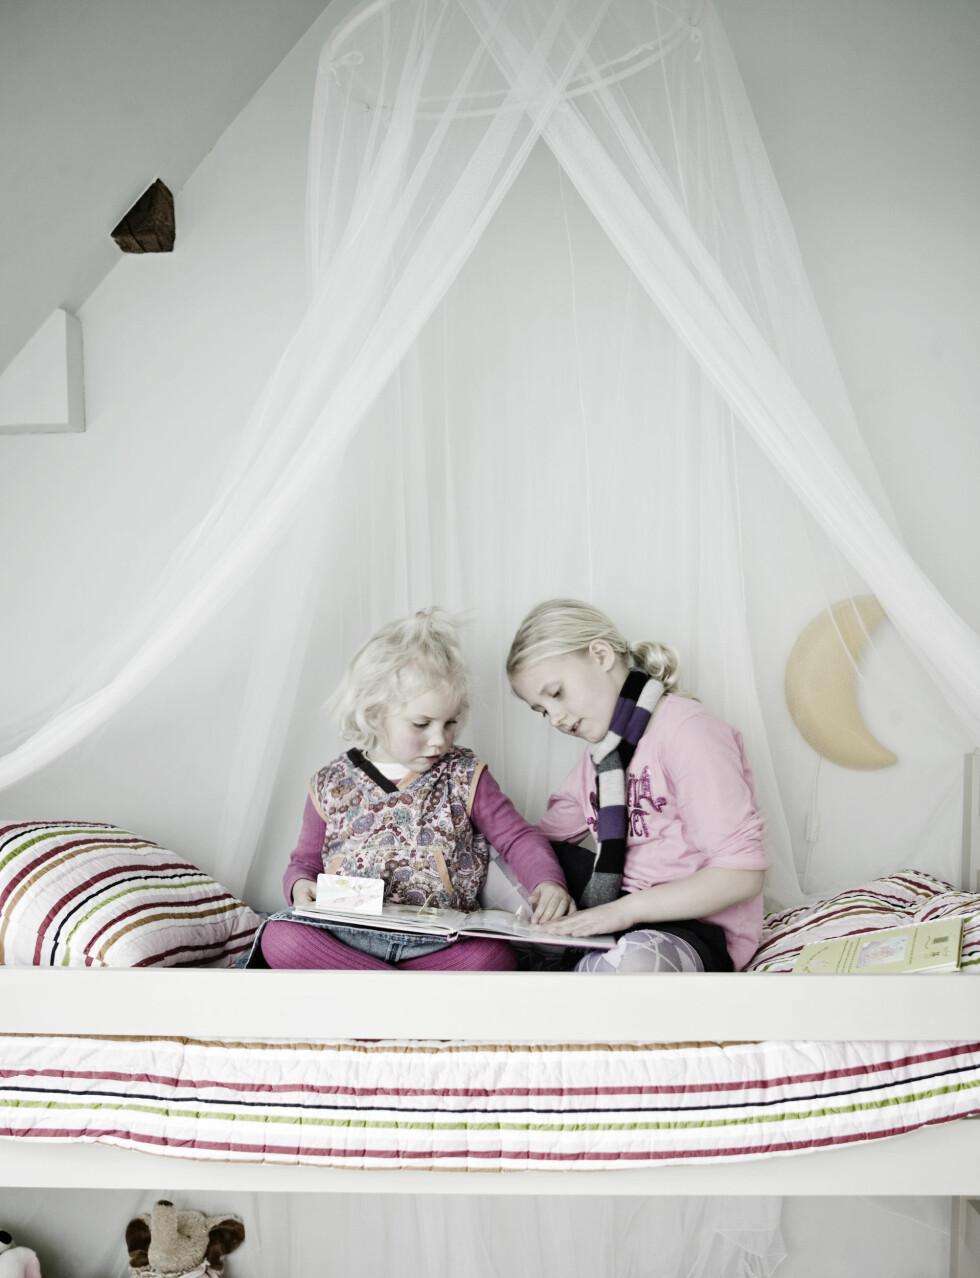 SØSKENKJÆRLIGHET: Ida leser for lillesøster Ingrid. Sengeteppe og puter fra Ikea. Foto: Kira Brandt/House of Pictures